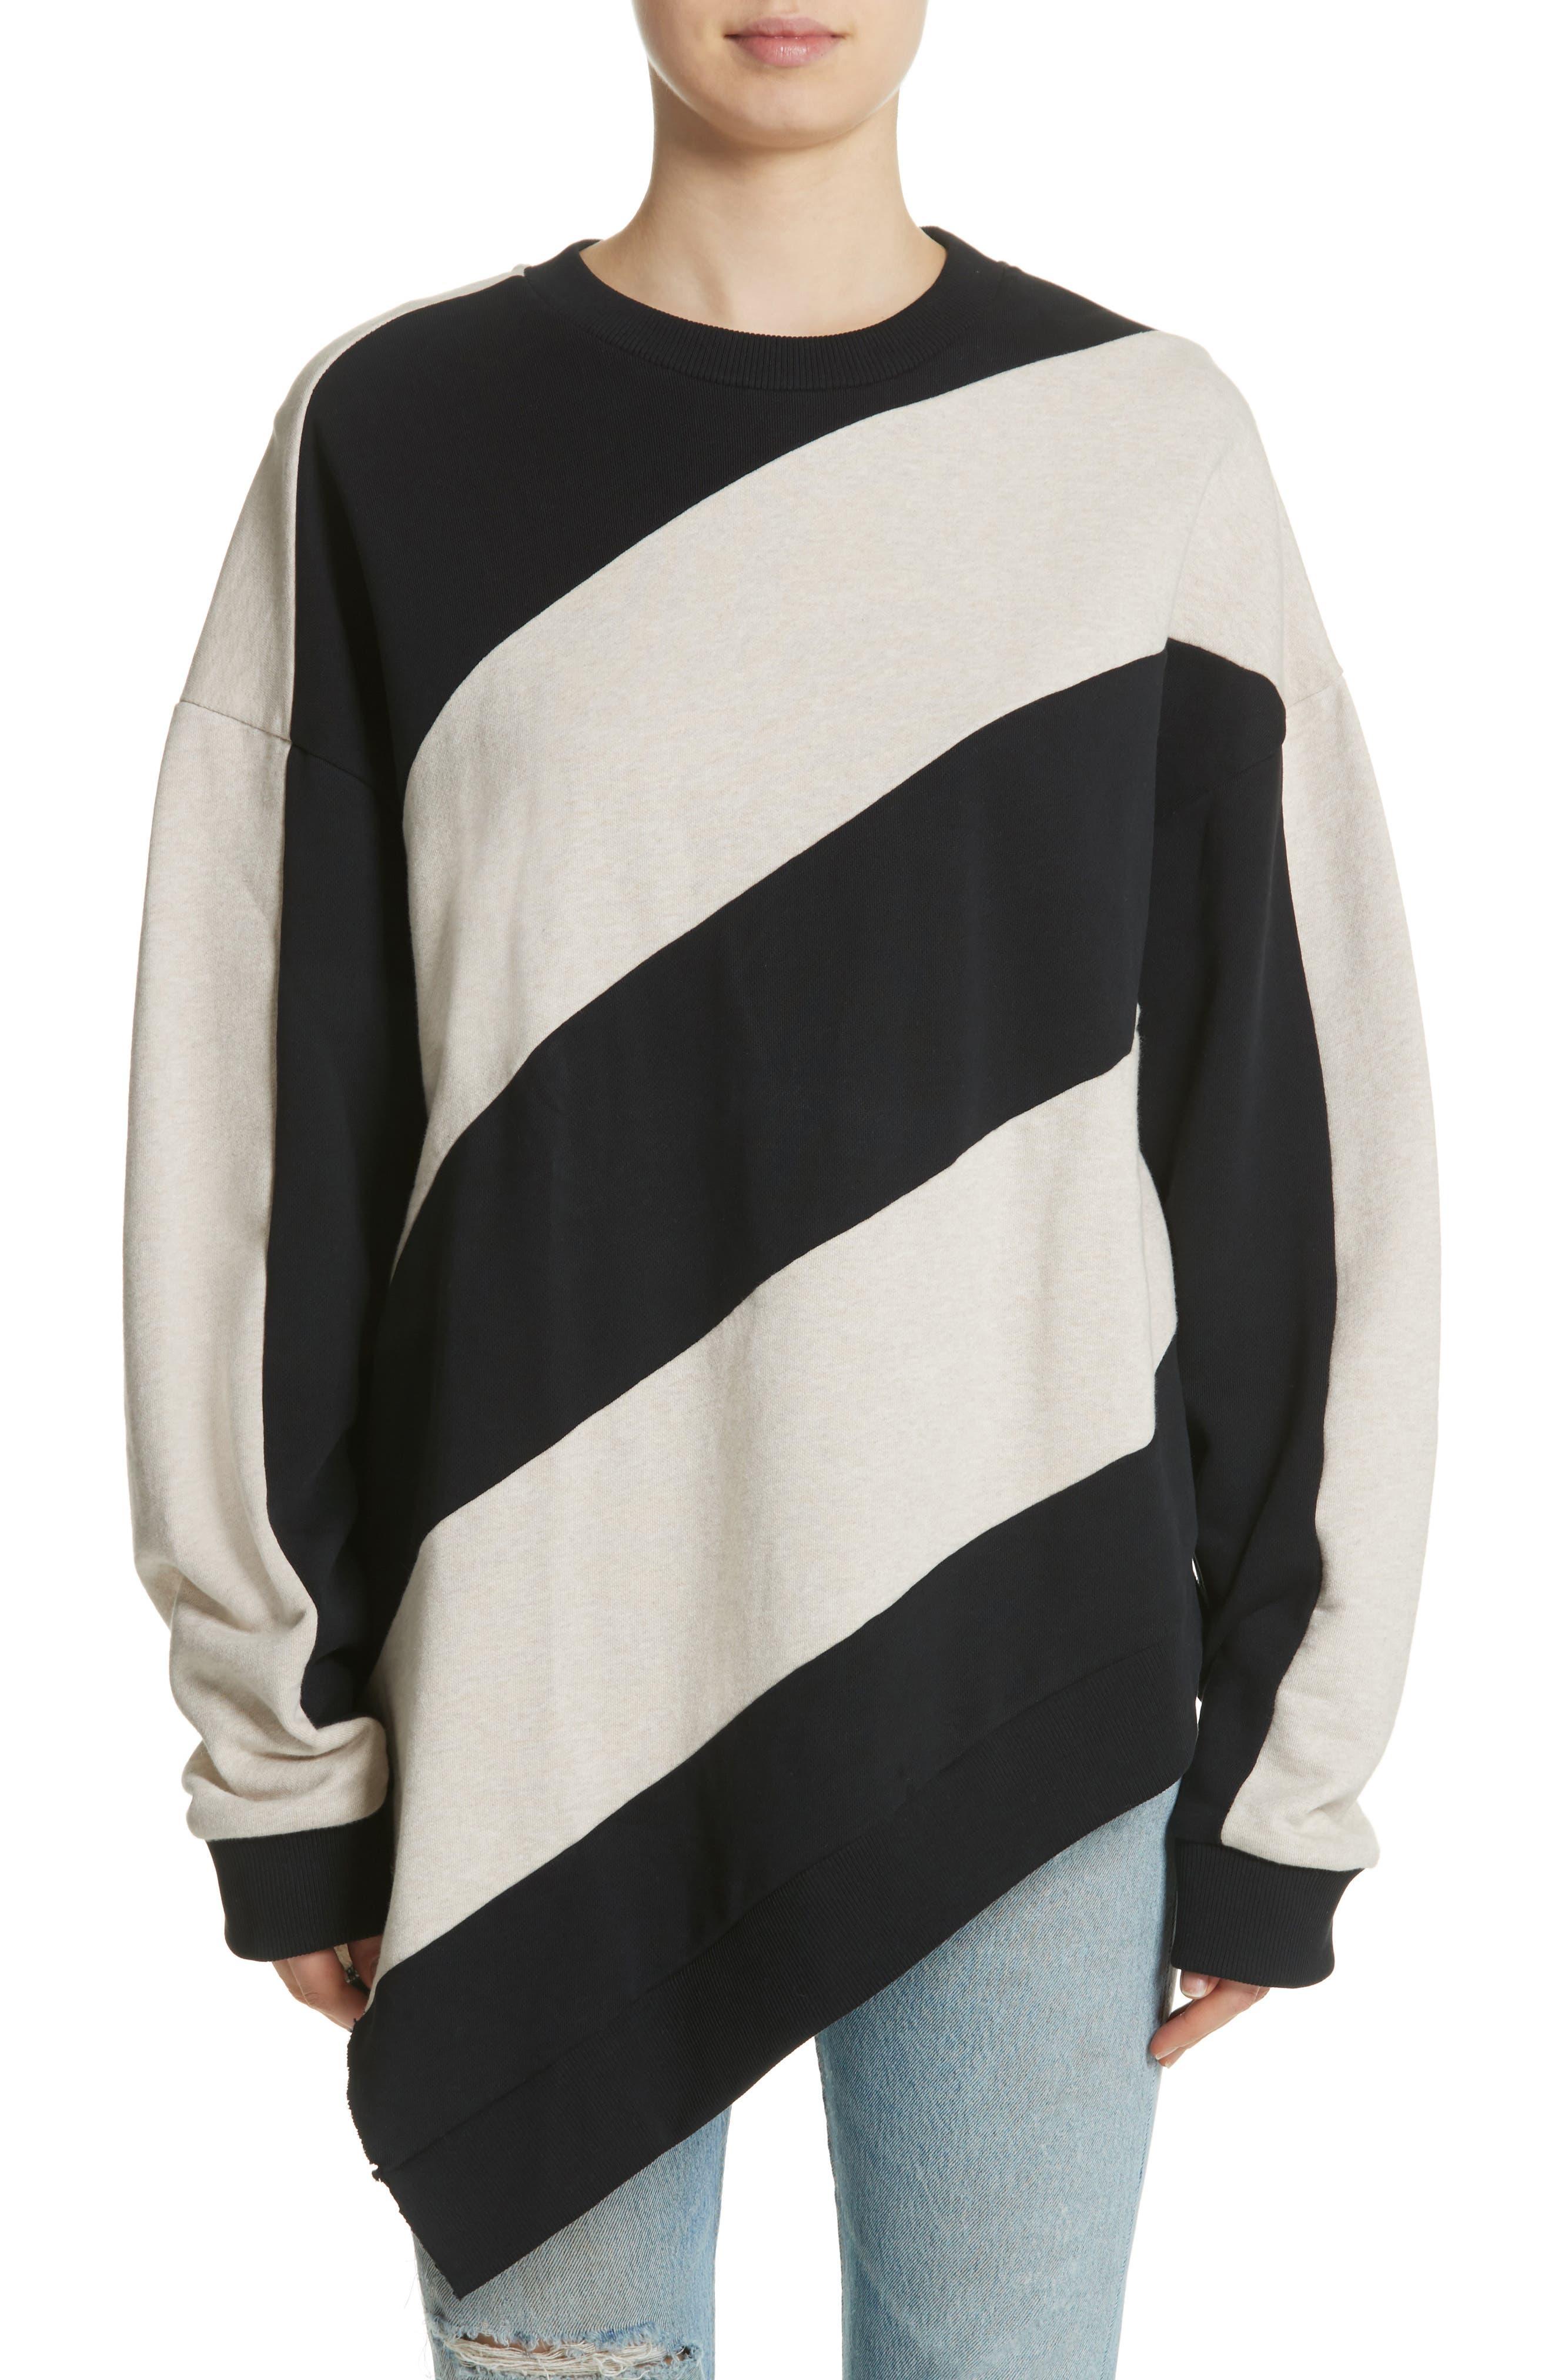 Marques'Almeida Asymmetrical Stripe Sweatshirt,                             Main thumbnail 1, color,                             250